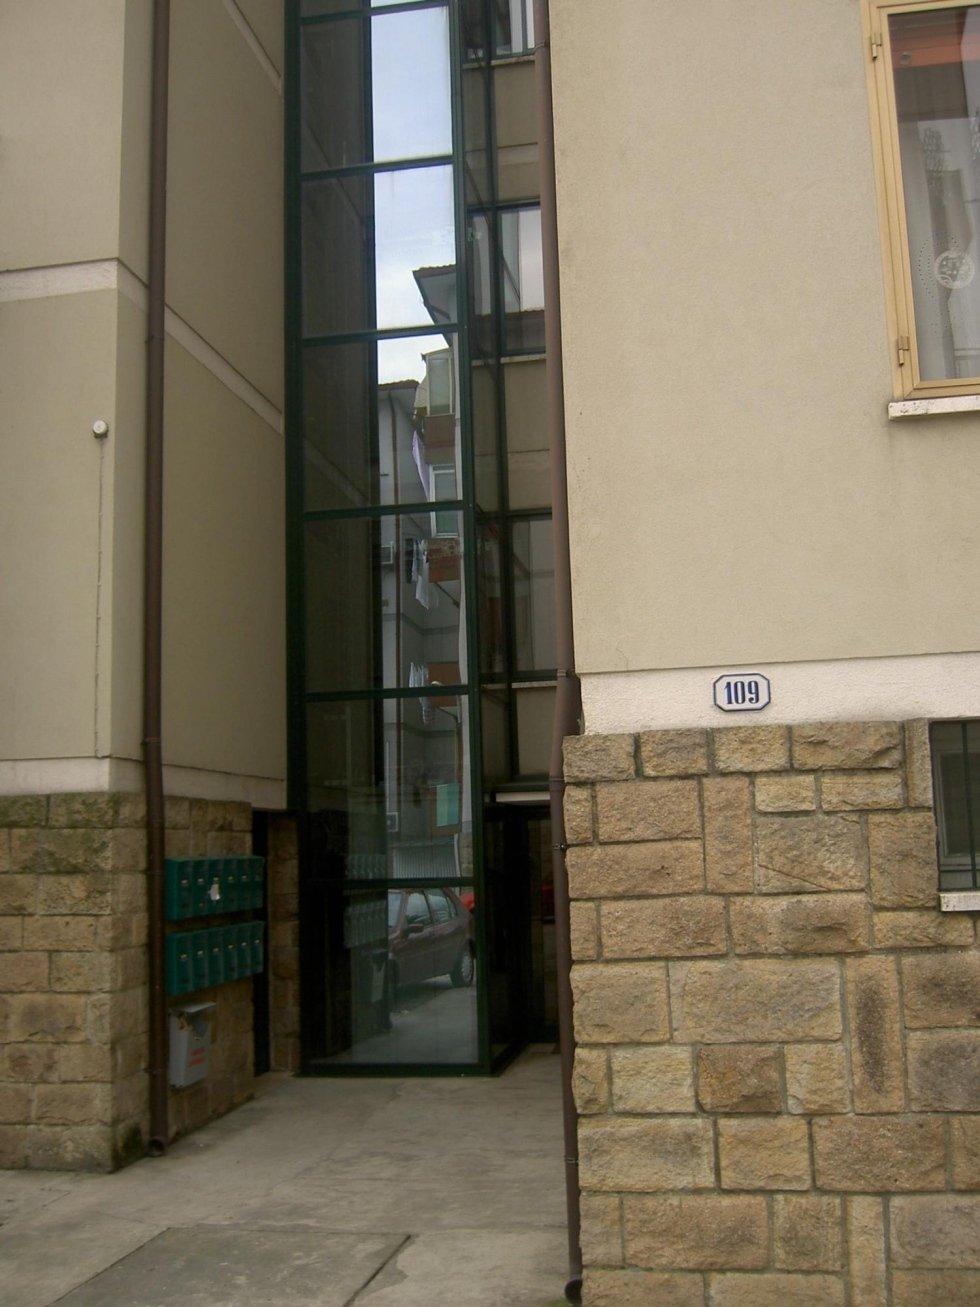 ascensore esterno per condominio con parete in pietra